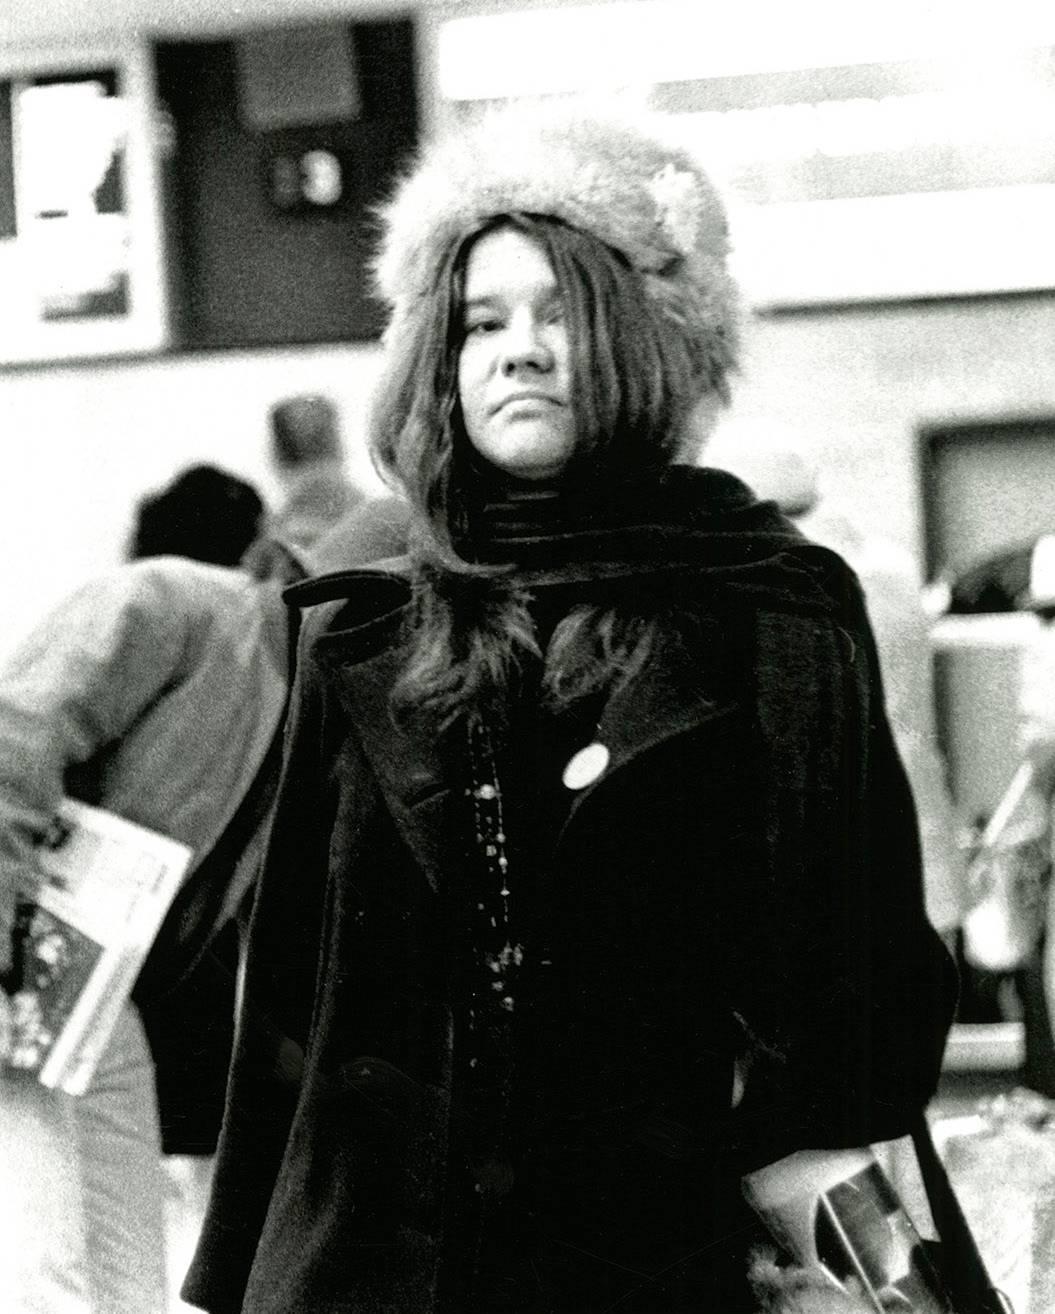 Janis Joplin photograph Detroit 1968 (60s rock photography Leni Sinclair)